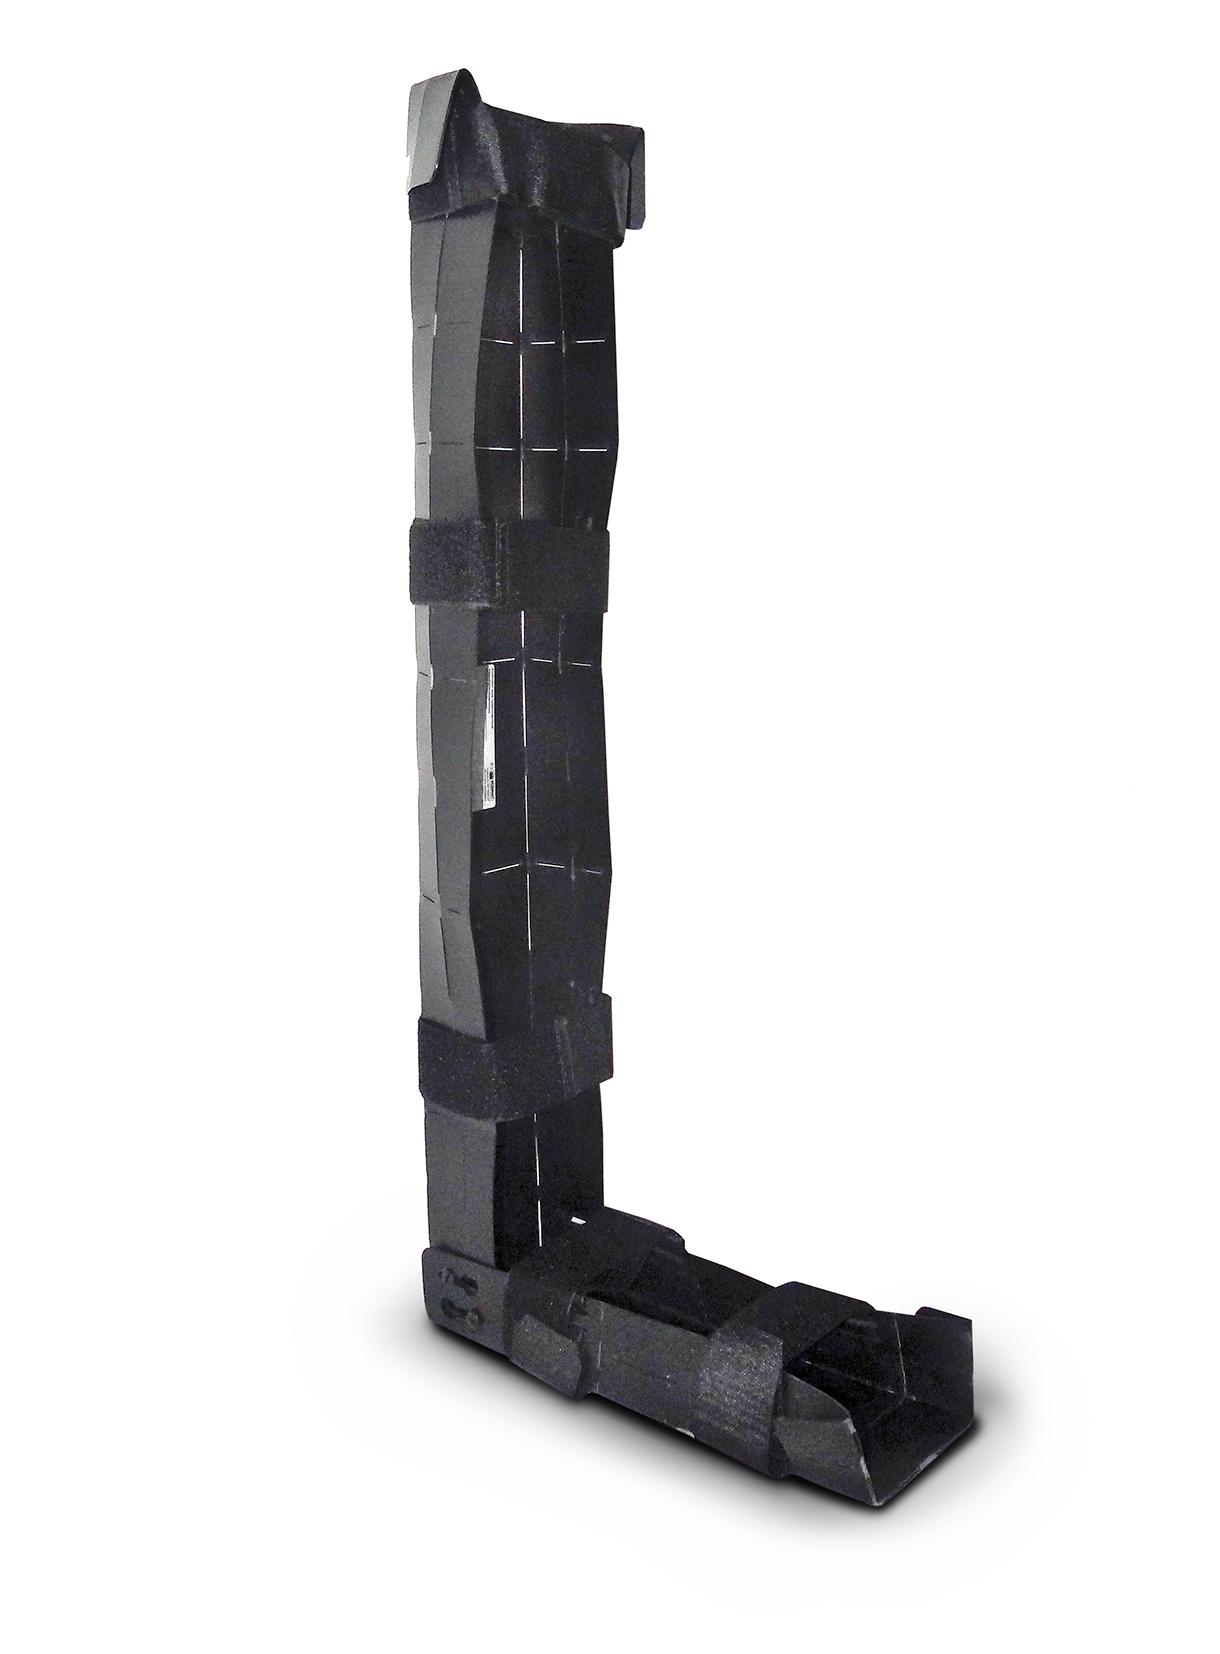 Шина транспортная иммобилизационная однократного применения для взрослых для нижней конечности ШТИвн–03